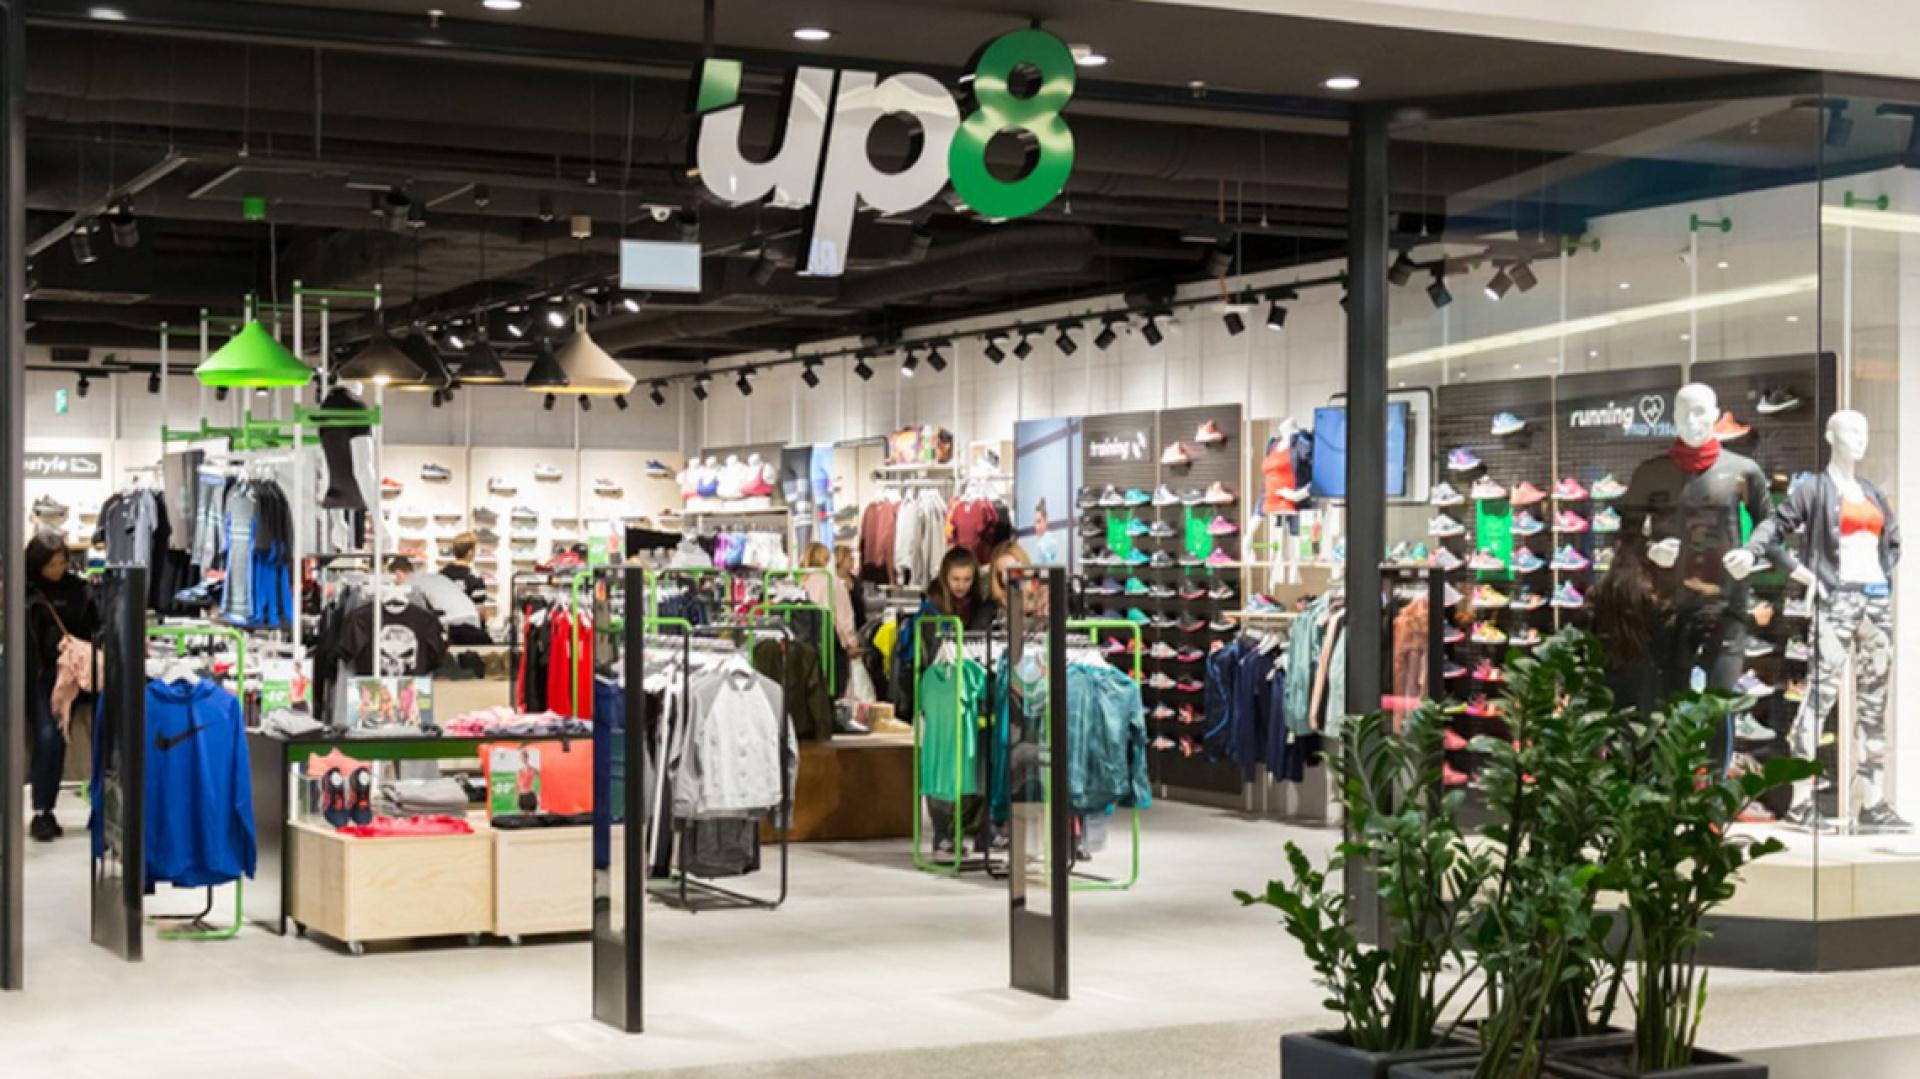 Salon marki up8 został otwarty w Galerii Krakowskiej w Krakowie. Fot. materiały prasowe